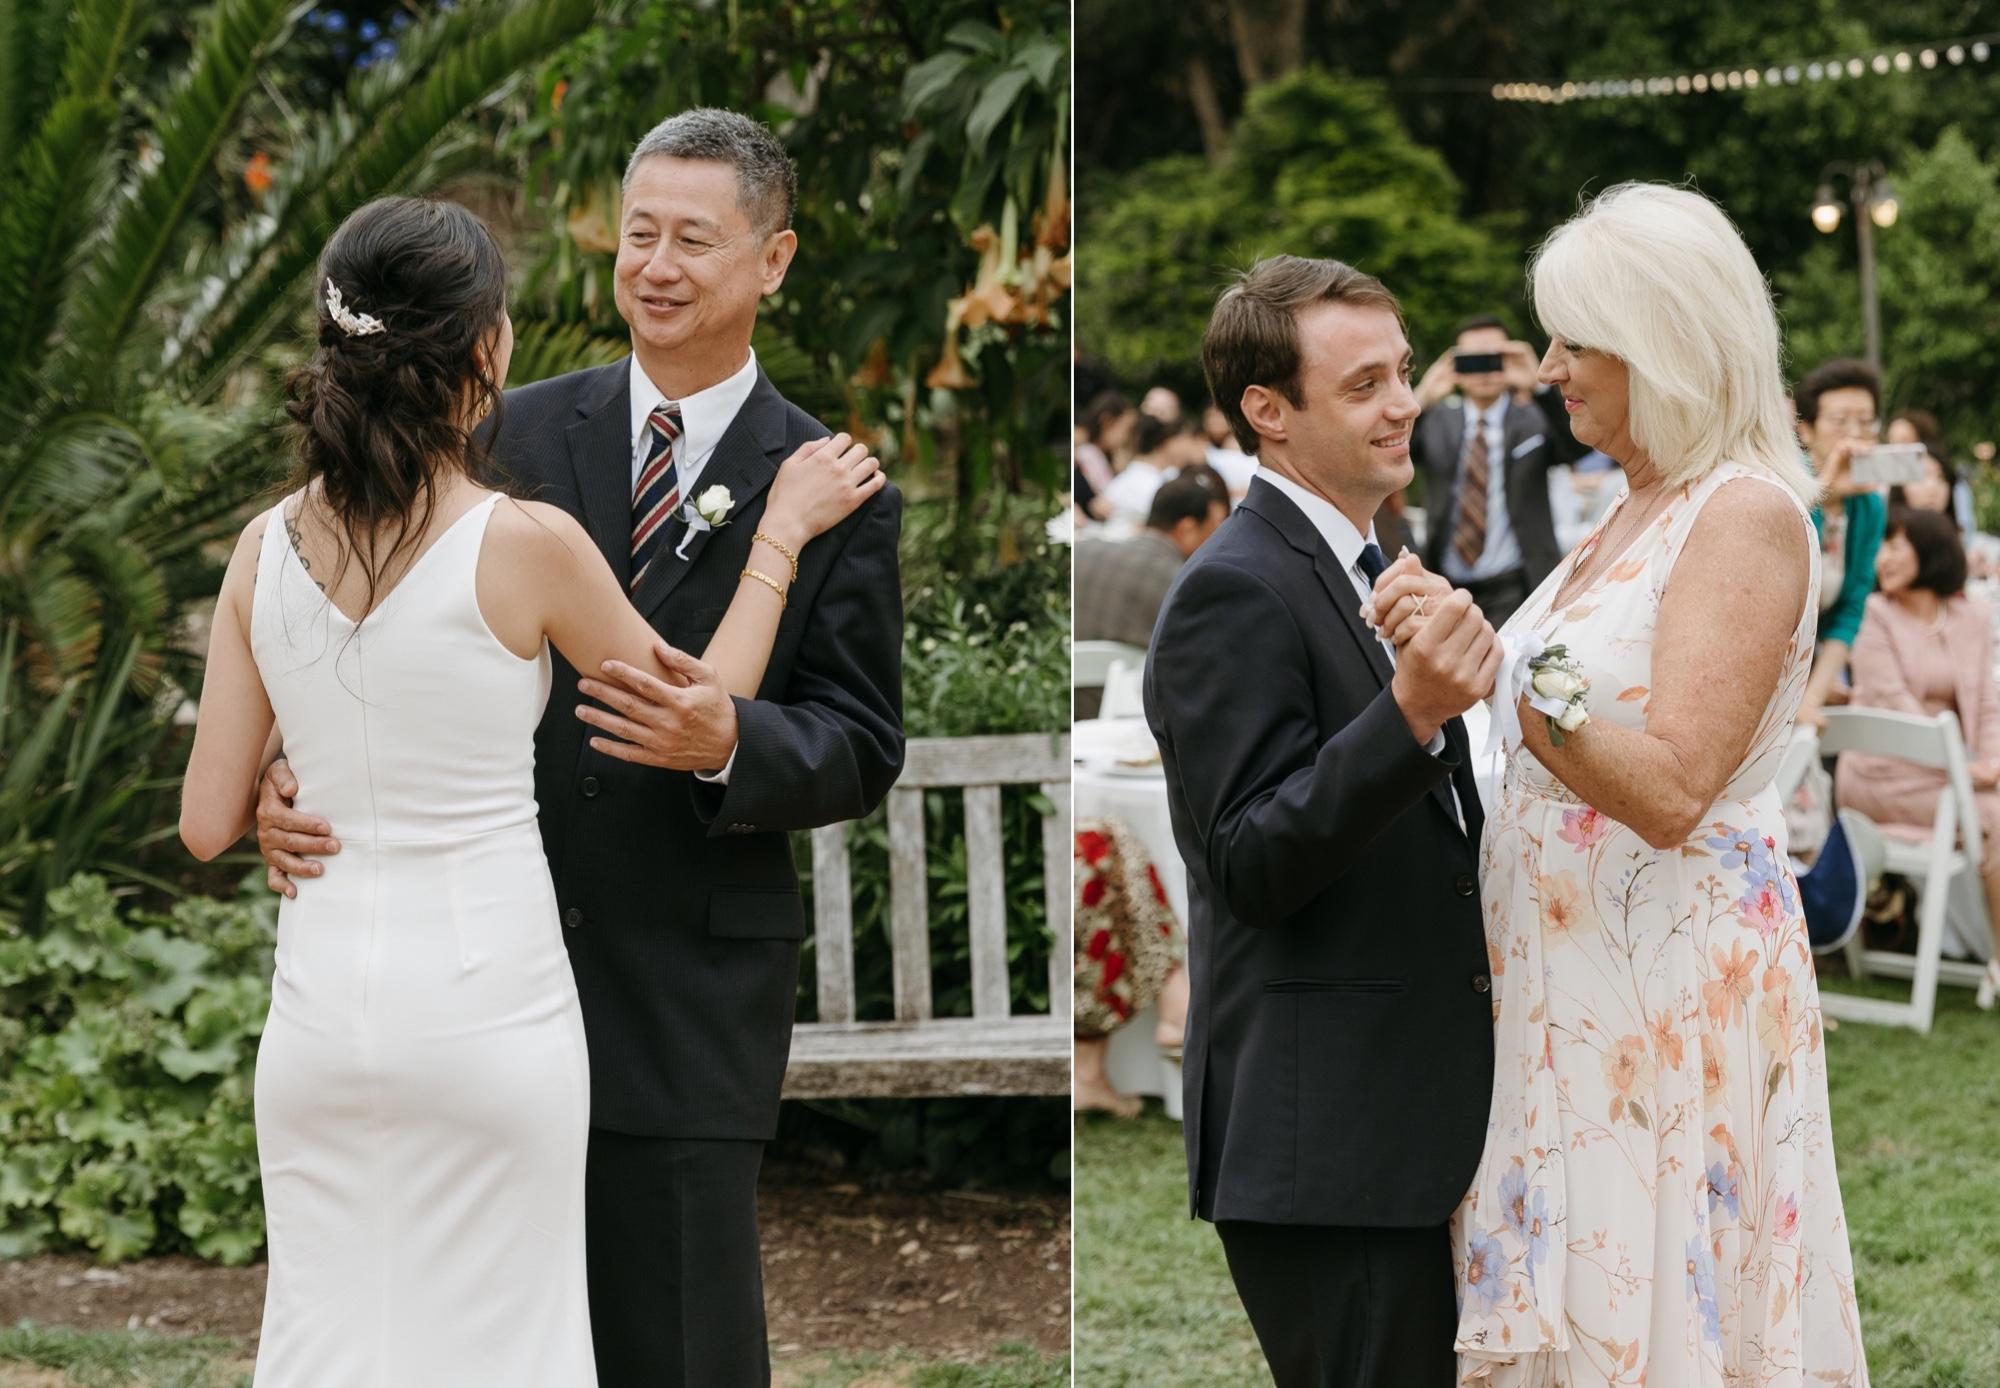 072_Shawna and Steve's Wedding-463_Shawna and Steve's Wedding-466.jpg